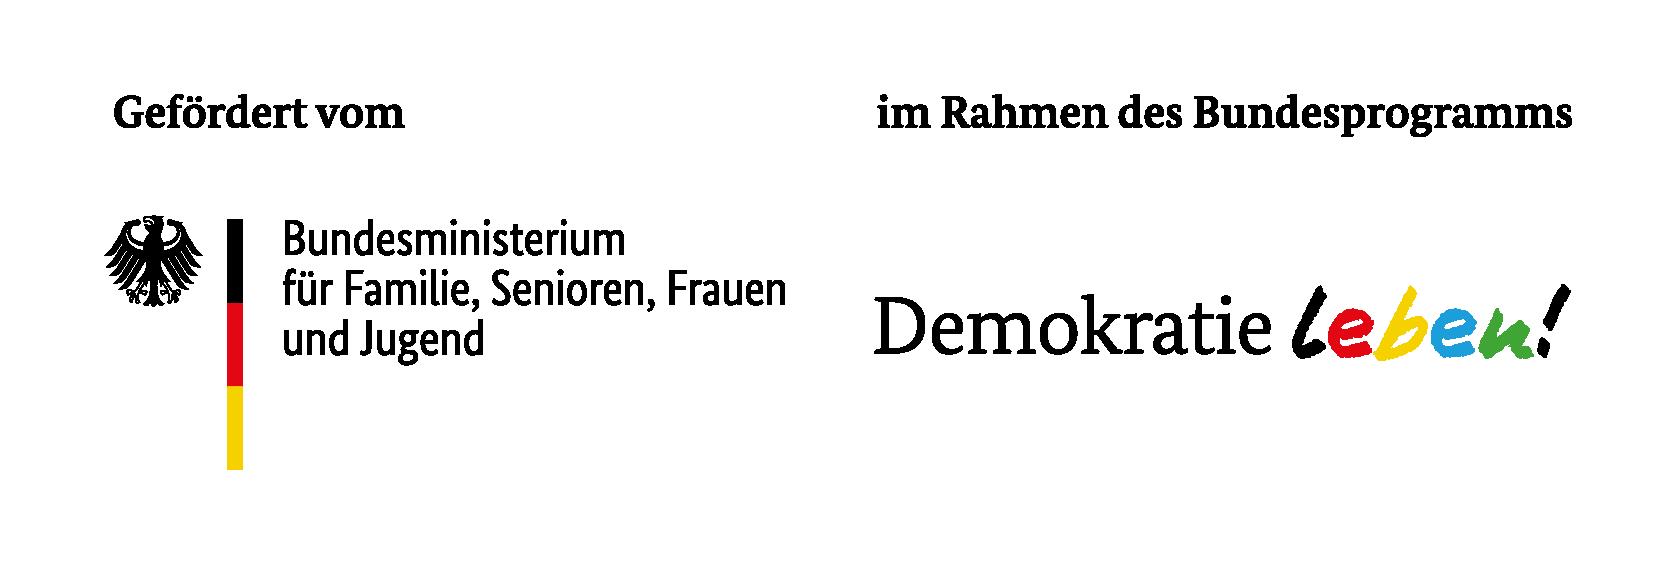 logo_RAN_FINAl_Weiss_Outlines_A3 NEUE